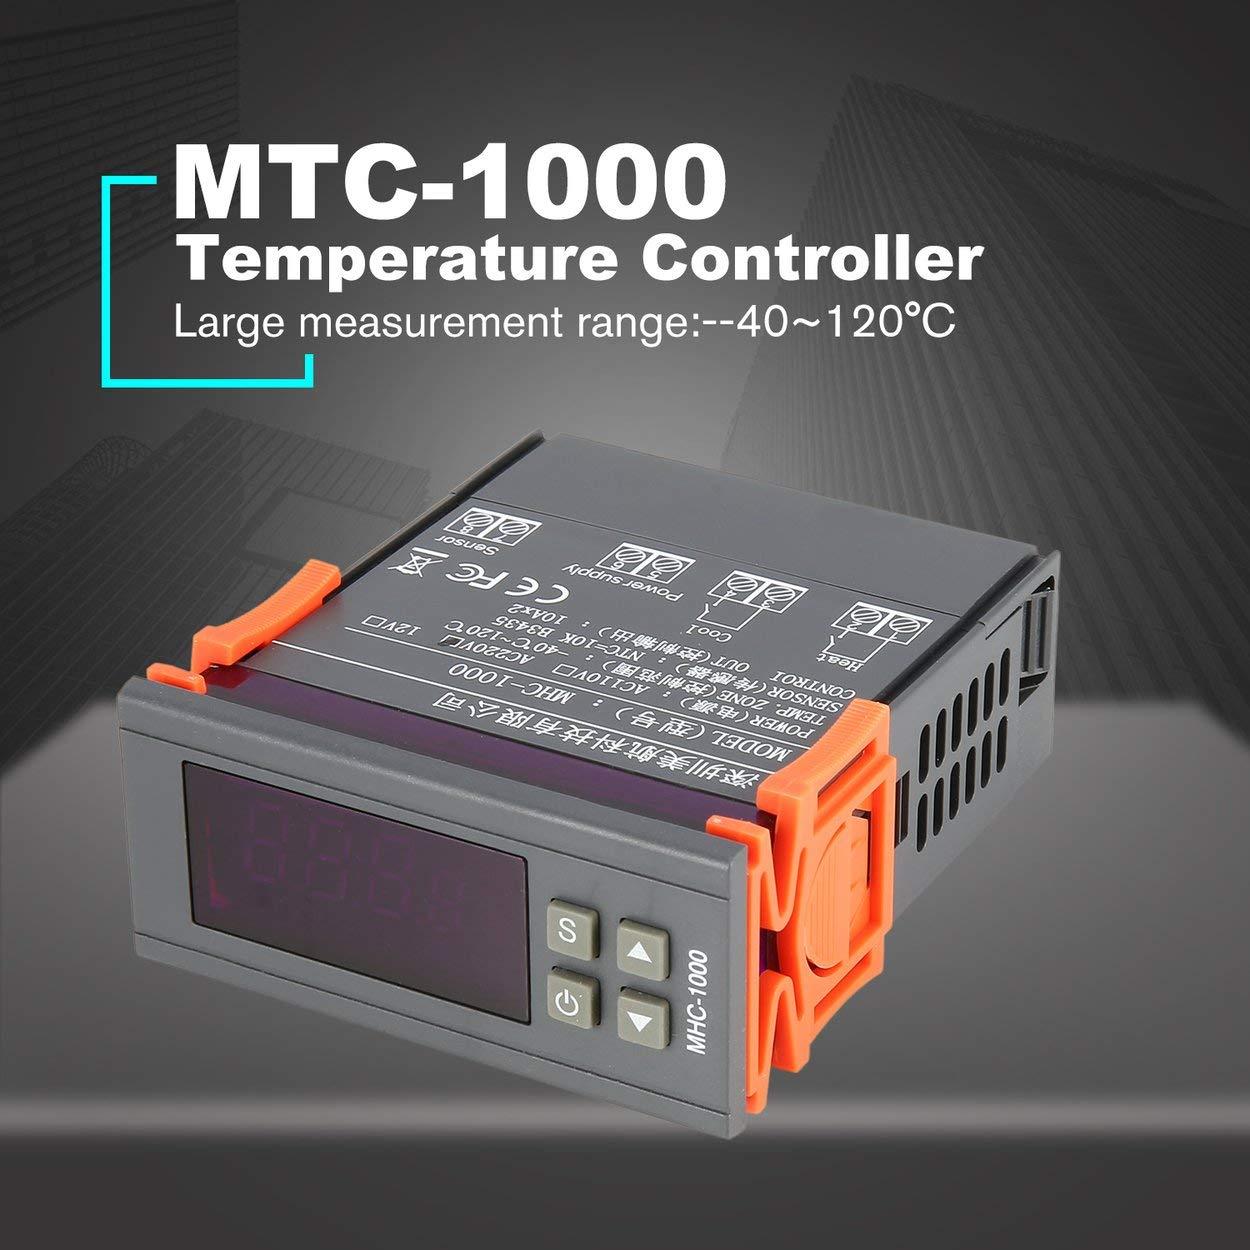 Lorenlli Fit MTC-1000 Digital PID Mikrocomputer Temperaturregler Wärme Kühlen Schalter Temperaturregler Themometer Thermostat AC 220 V